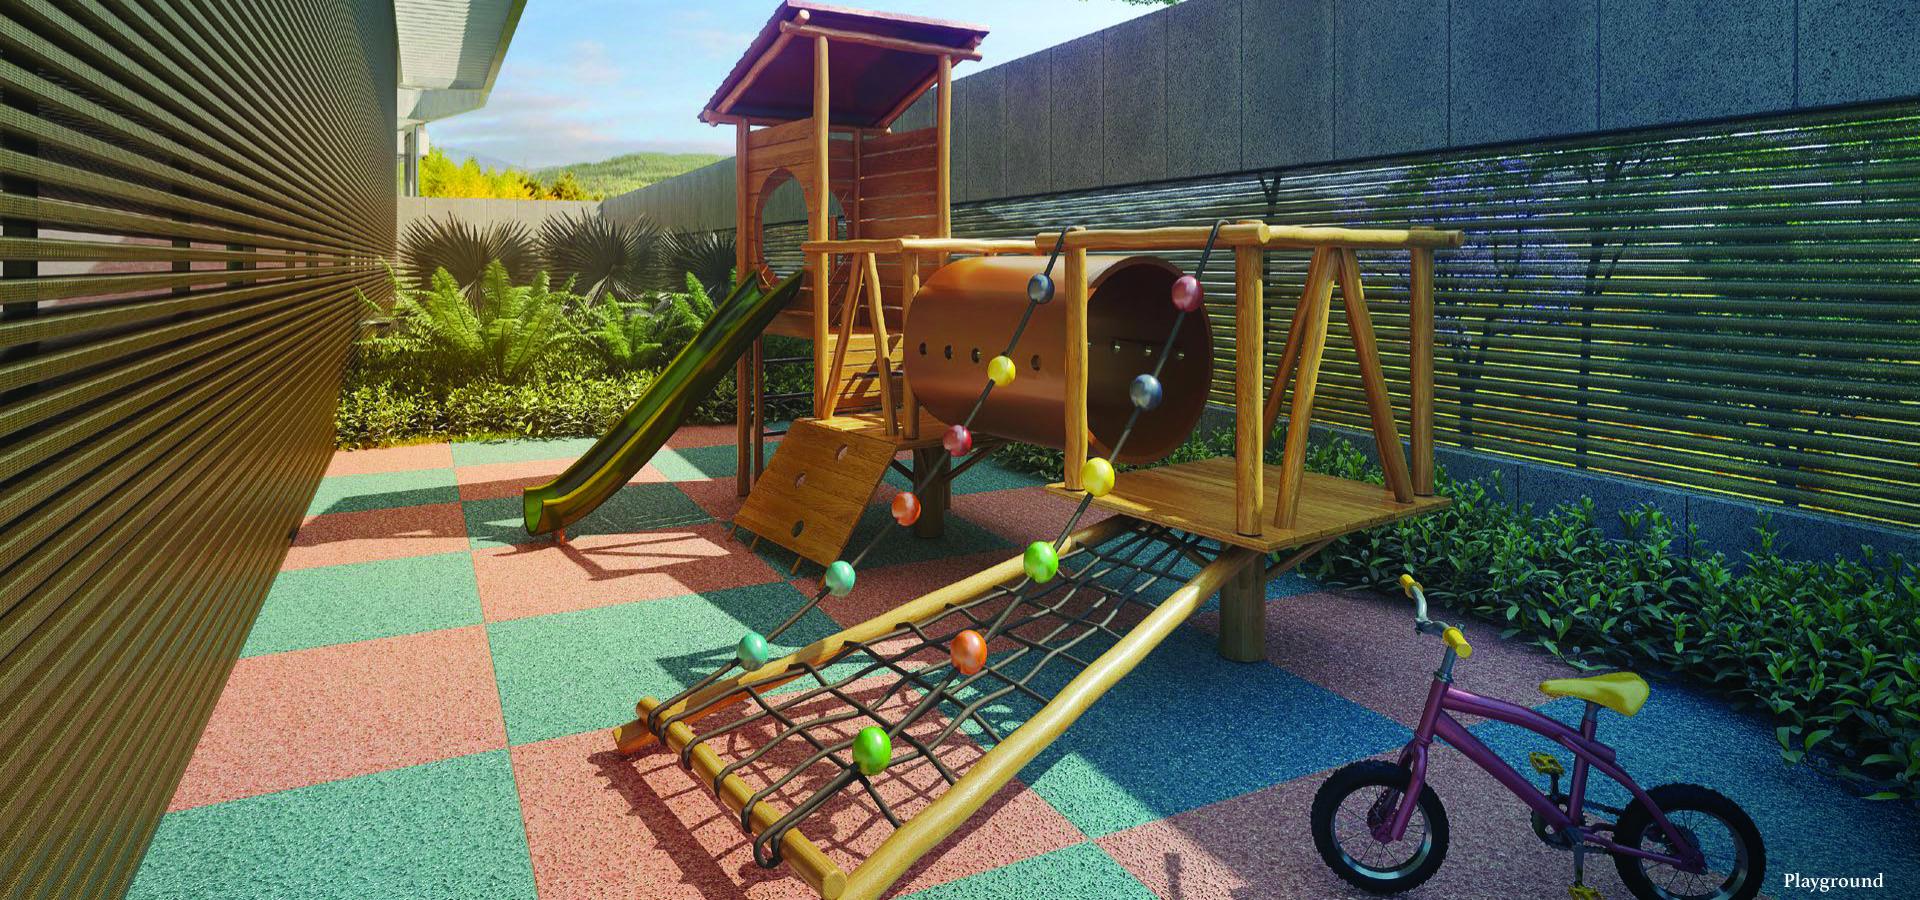 playground Brisa vale do sereno